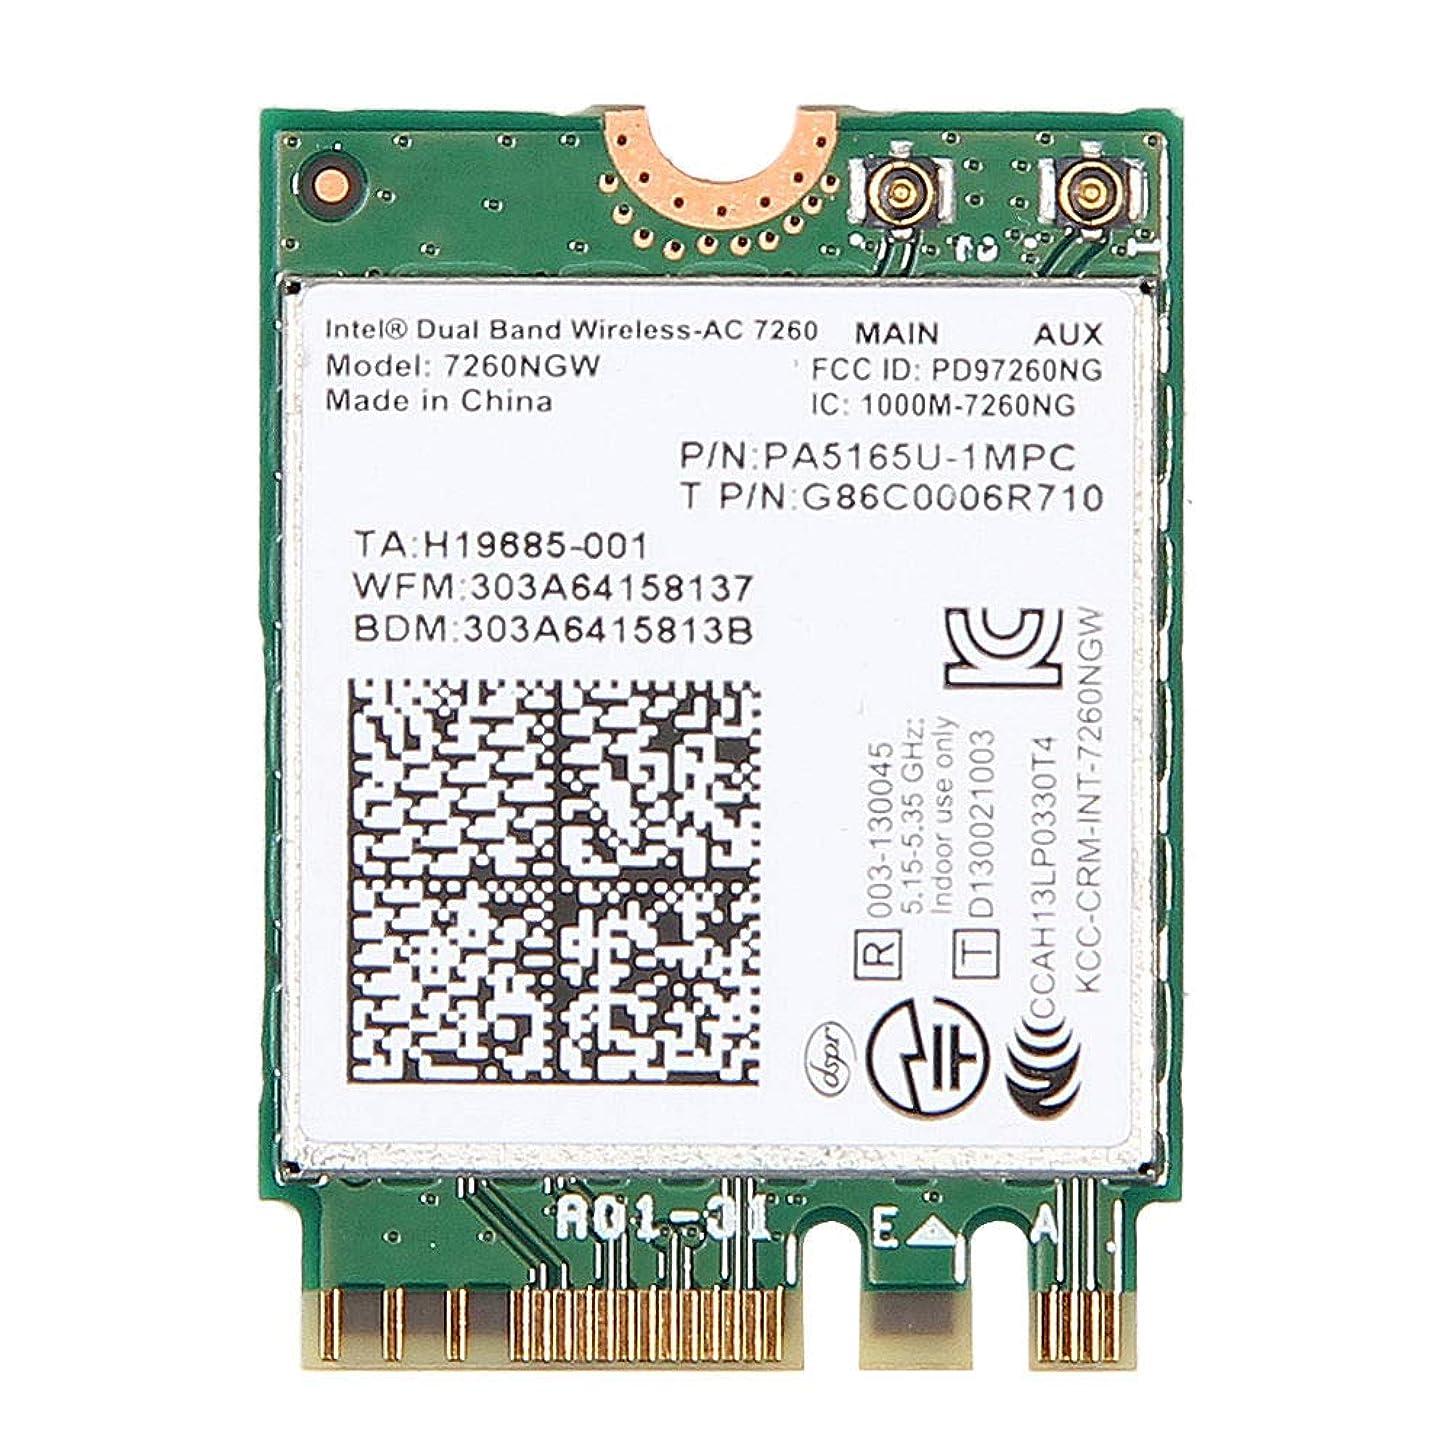 キャラバン硫黄眉をひそめるYQZインテル デュアルバンドM.2無線LANカード 高速 Wi-Fi 通信Band Wireless-802.11 AC Intel 7260NGW 867Mbps 7260AC NGFF M.2 Bluetooth 4.0